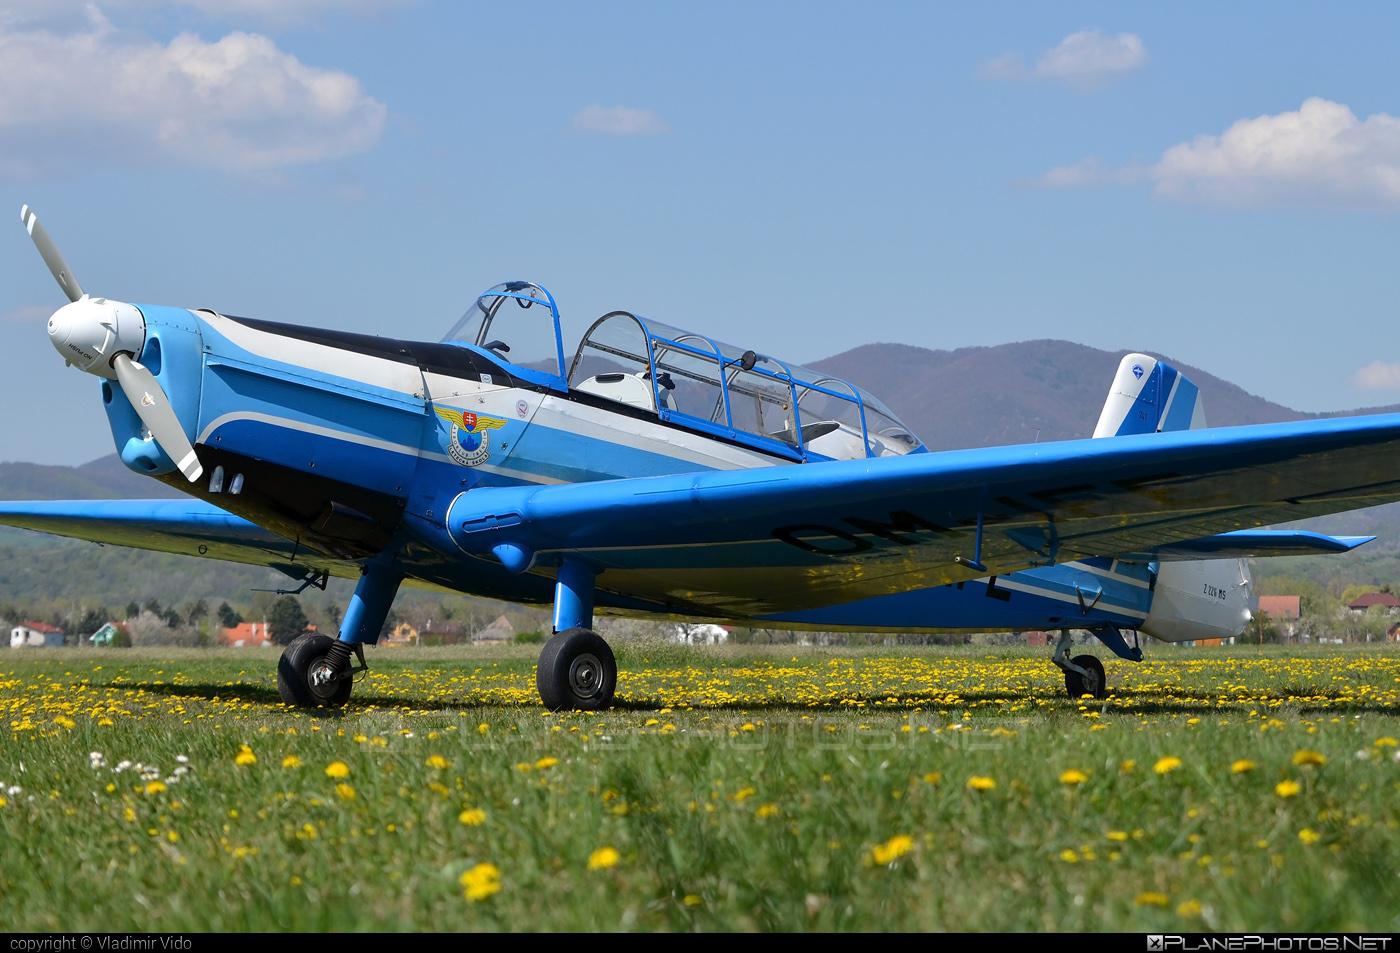 Zlin Z-226MS Trenér - OM-IFE operated by Aeroklub Trenčín #z226 #z226trener #zlin #zlin226 #zlintrener